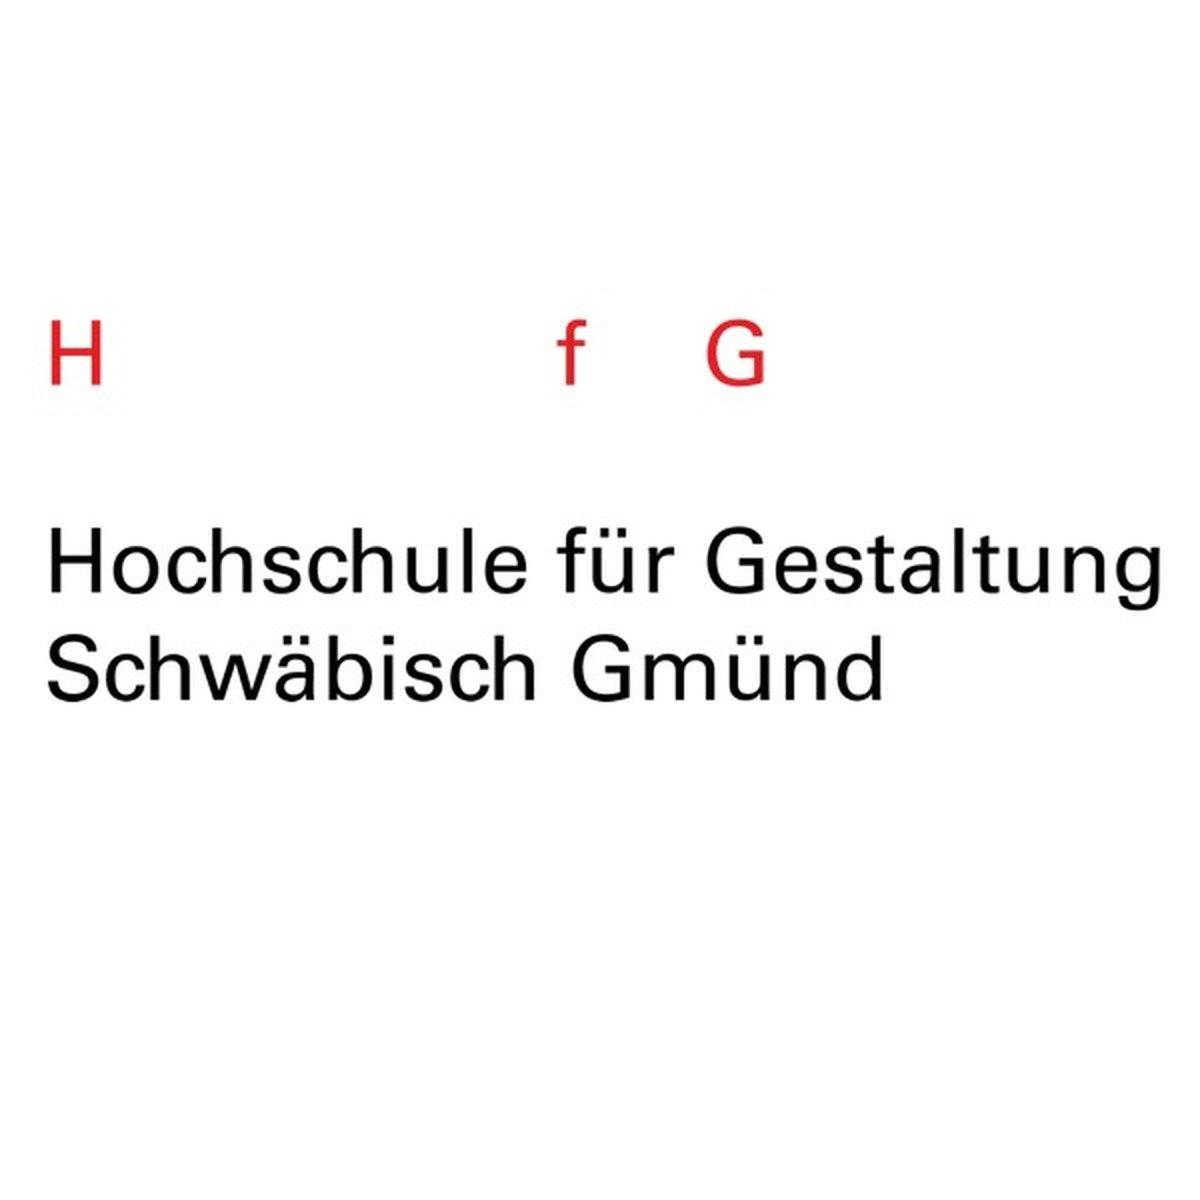 Hochschule für Gestaltung Schwäbisch Gmünd